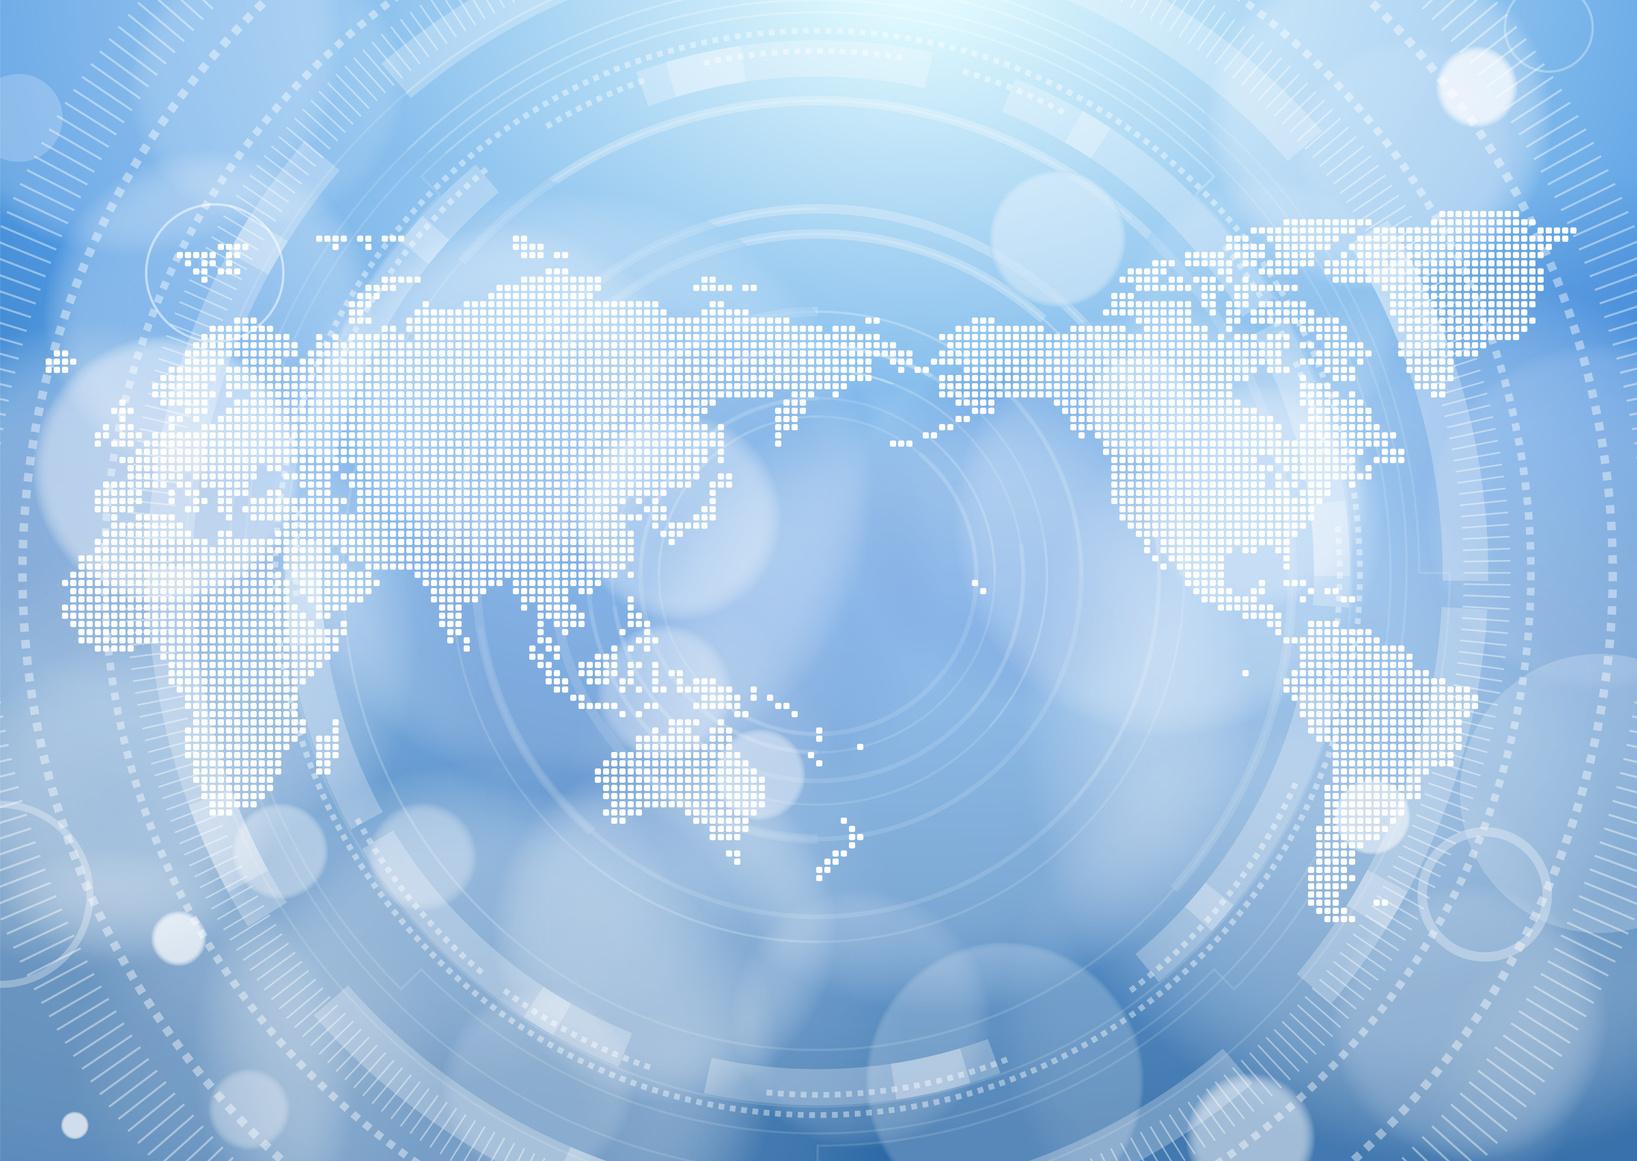 イメージ:これで安心!海外進出企業のための「国際源泉課税のあらまし」